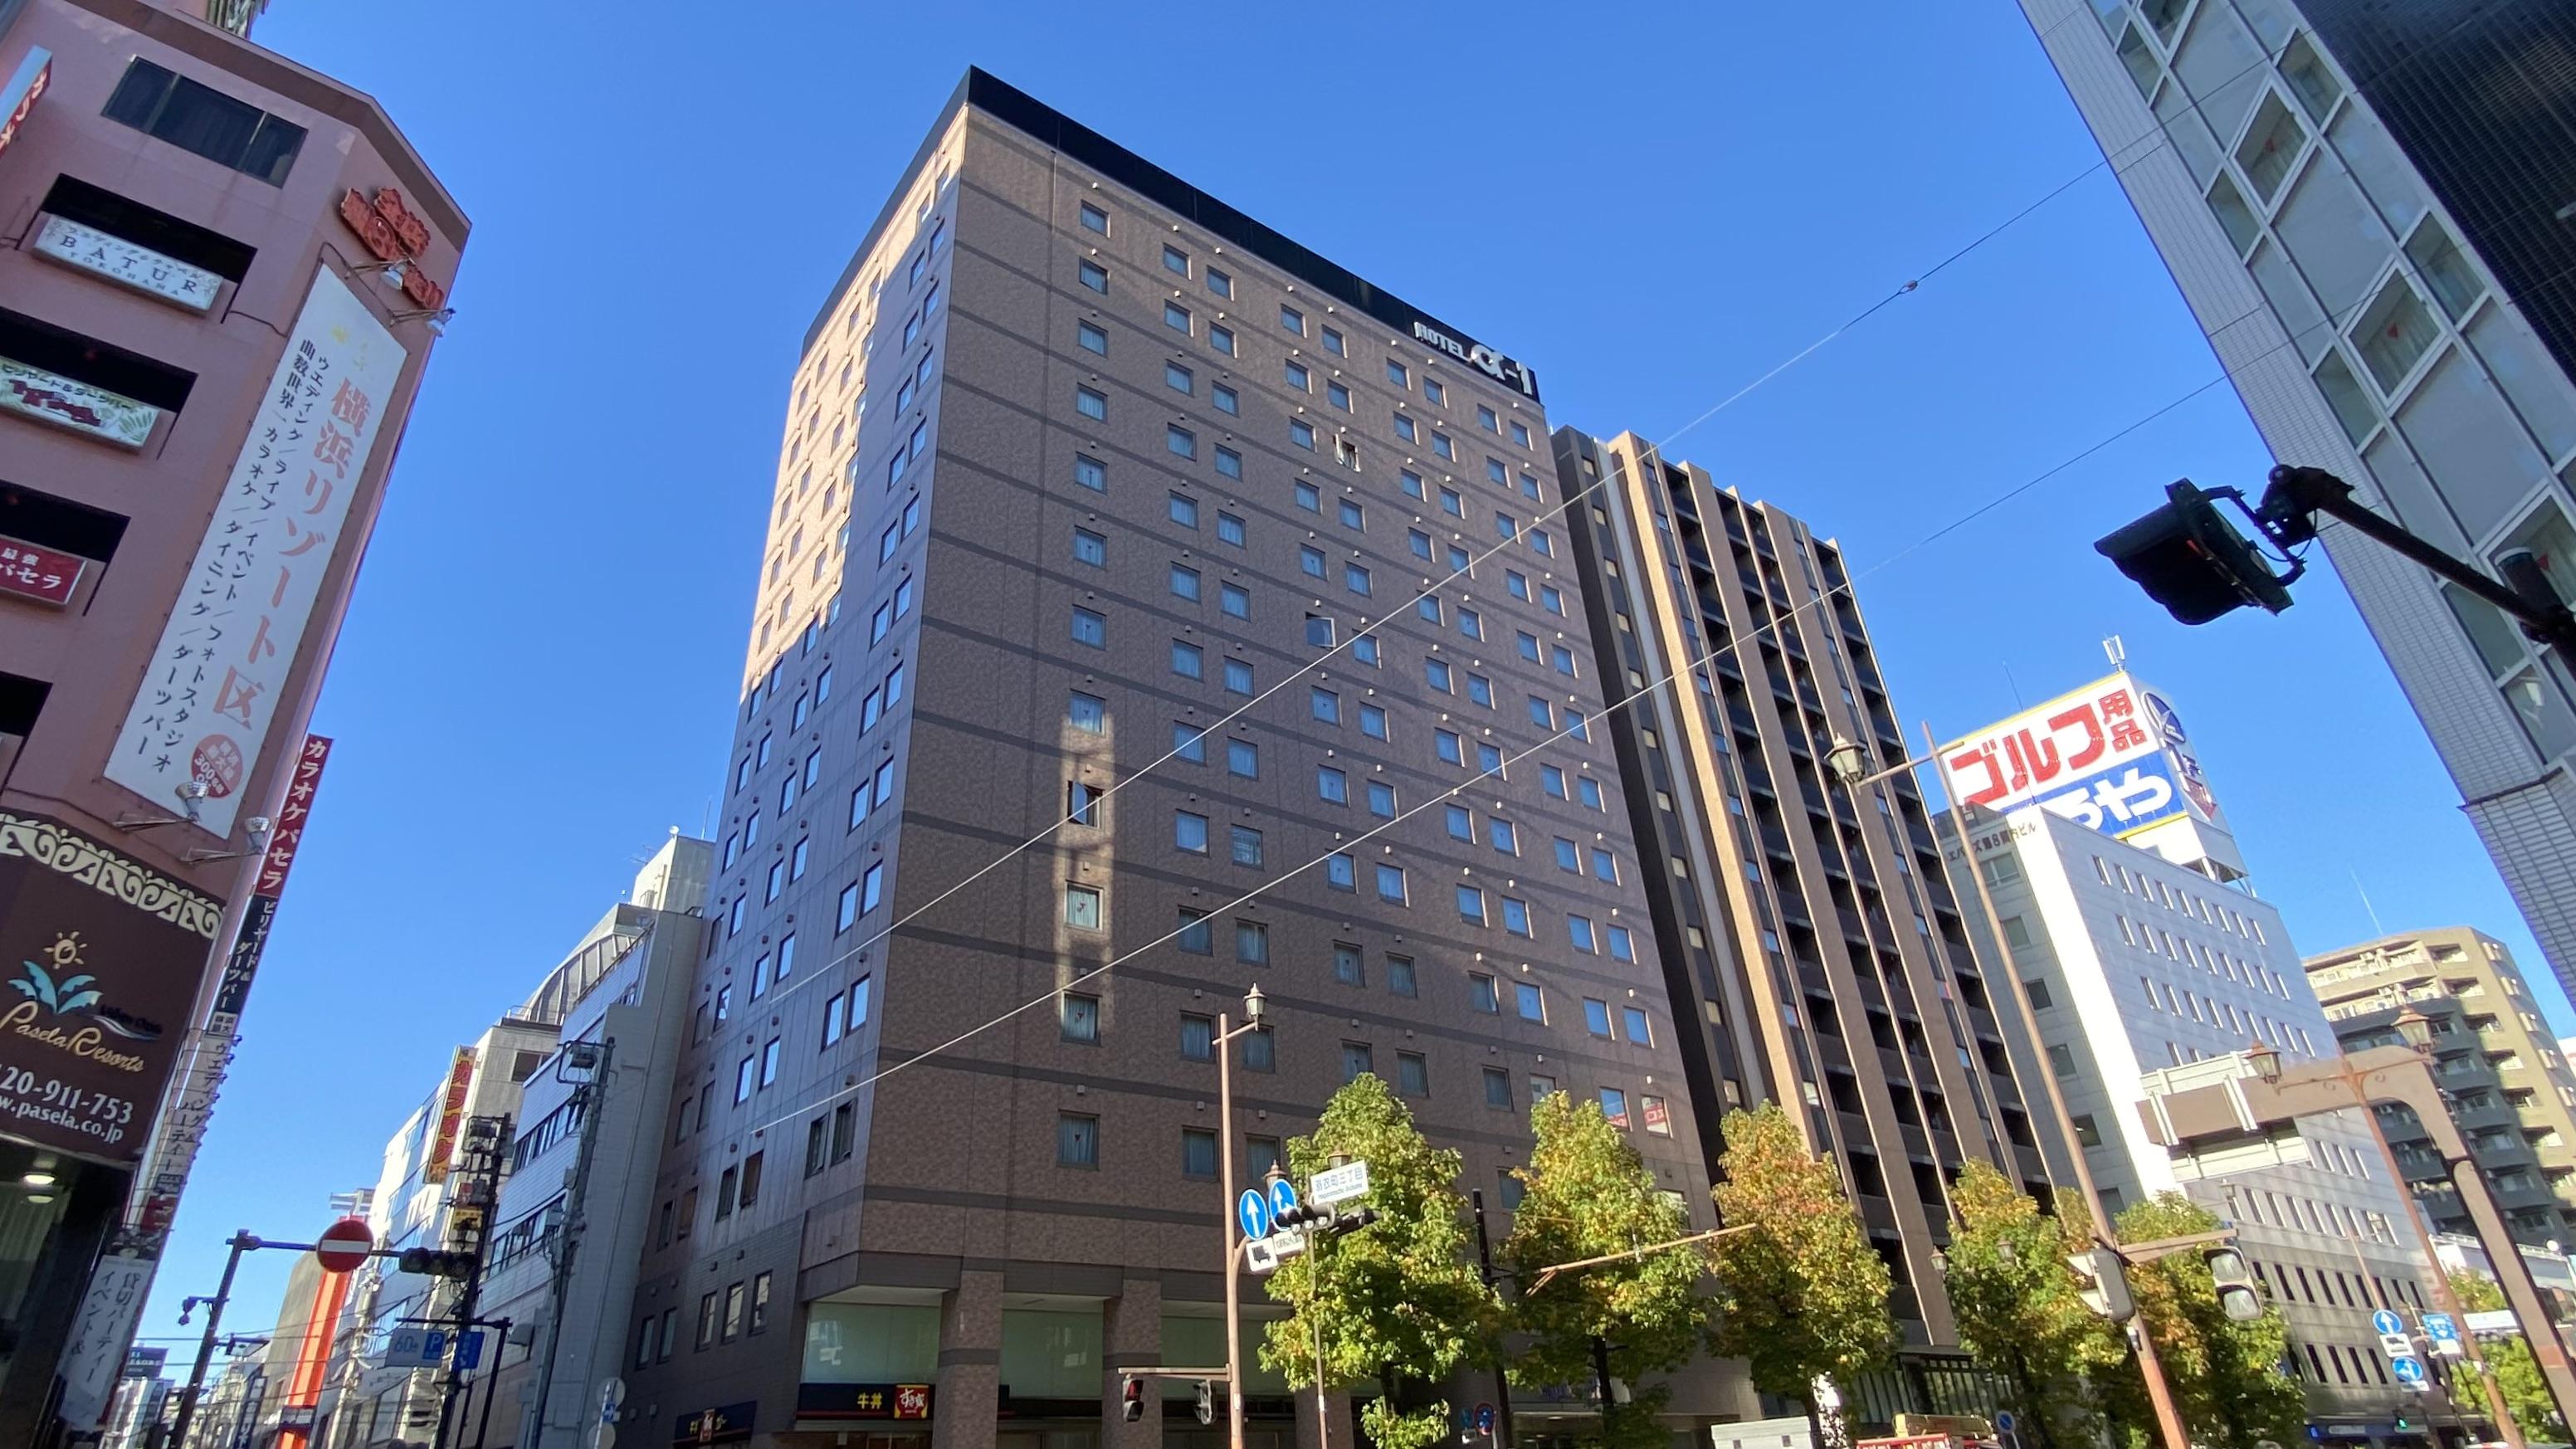 ホテル アルファーワン 横浜関内◆楽天トラベル